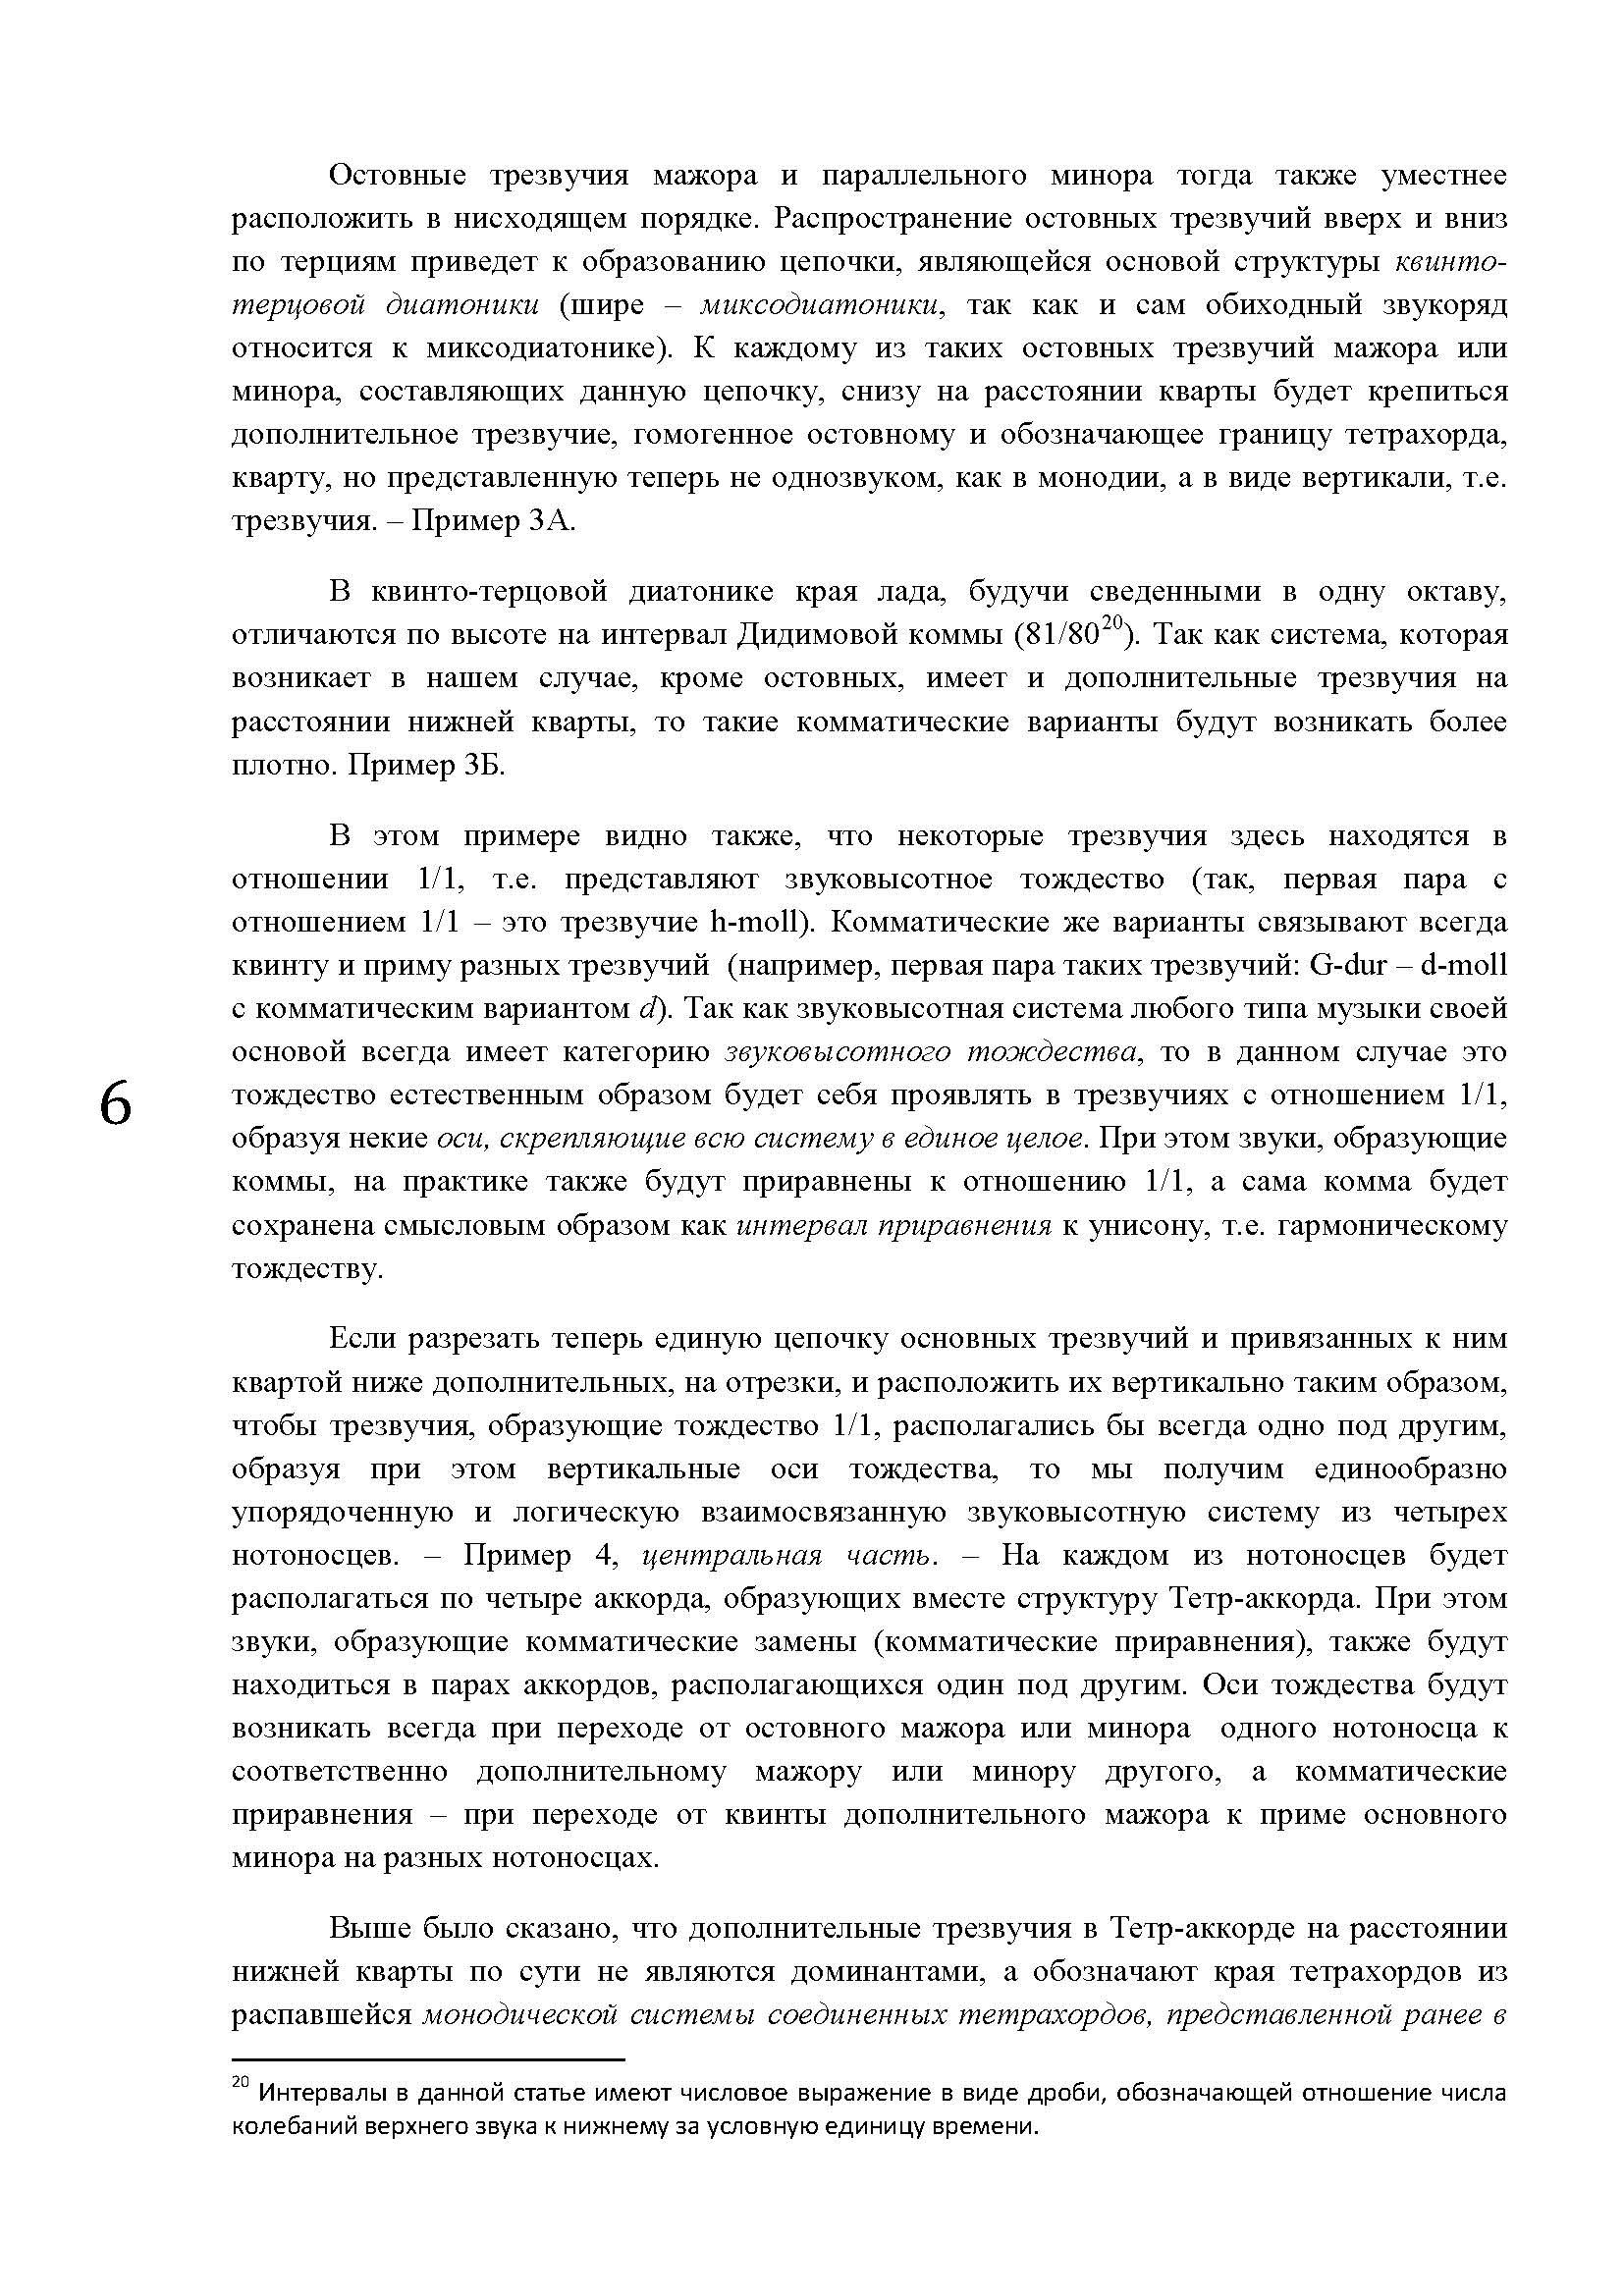 О.ФИЛИПП_ГАРМОНИЯ_ПАРТЕСНОГО_ПЕНИЯ_+_Страница_06